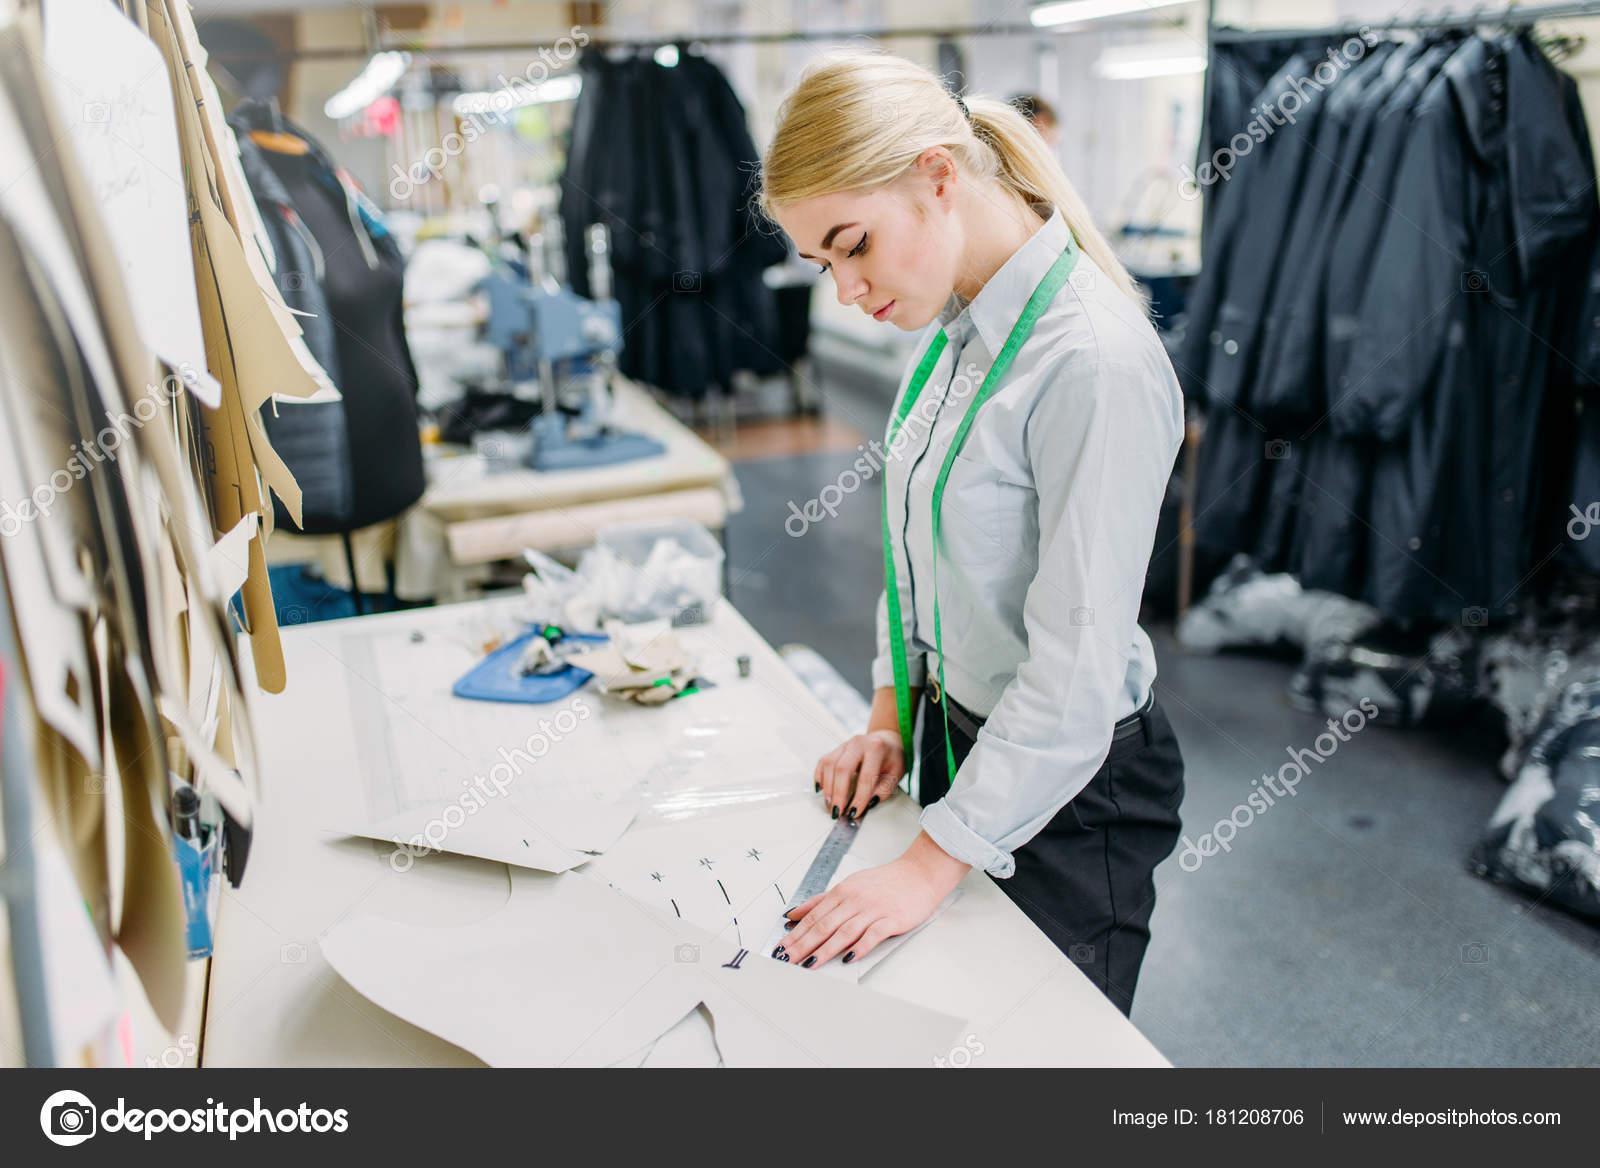 Designer Eine Muster Herstellung Auf Bekleidungswerk Messen Kleidung ...